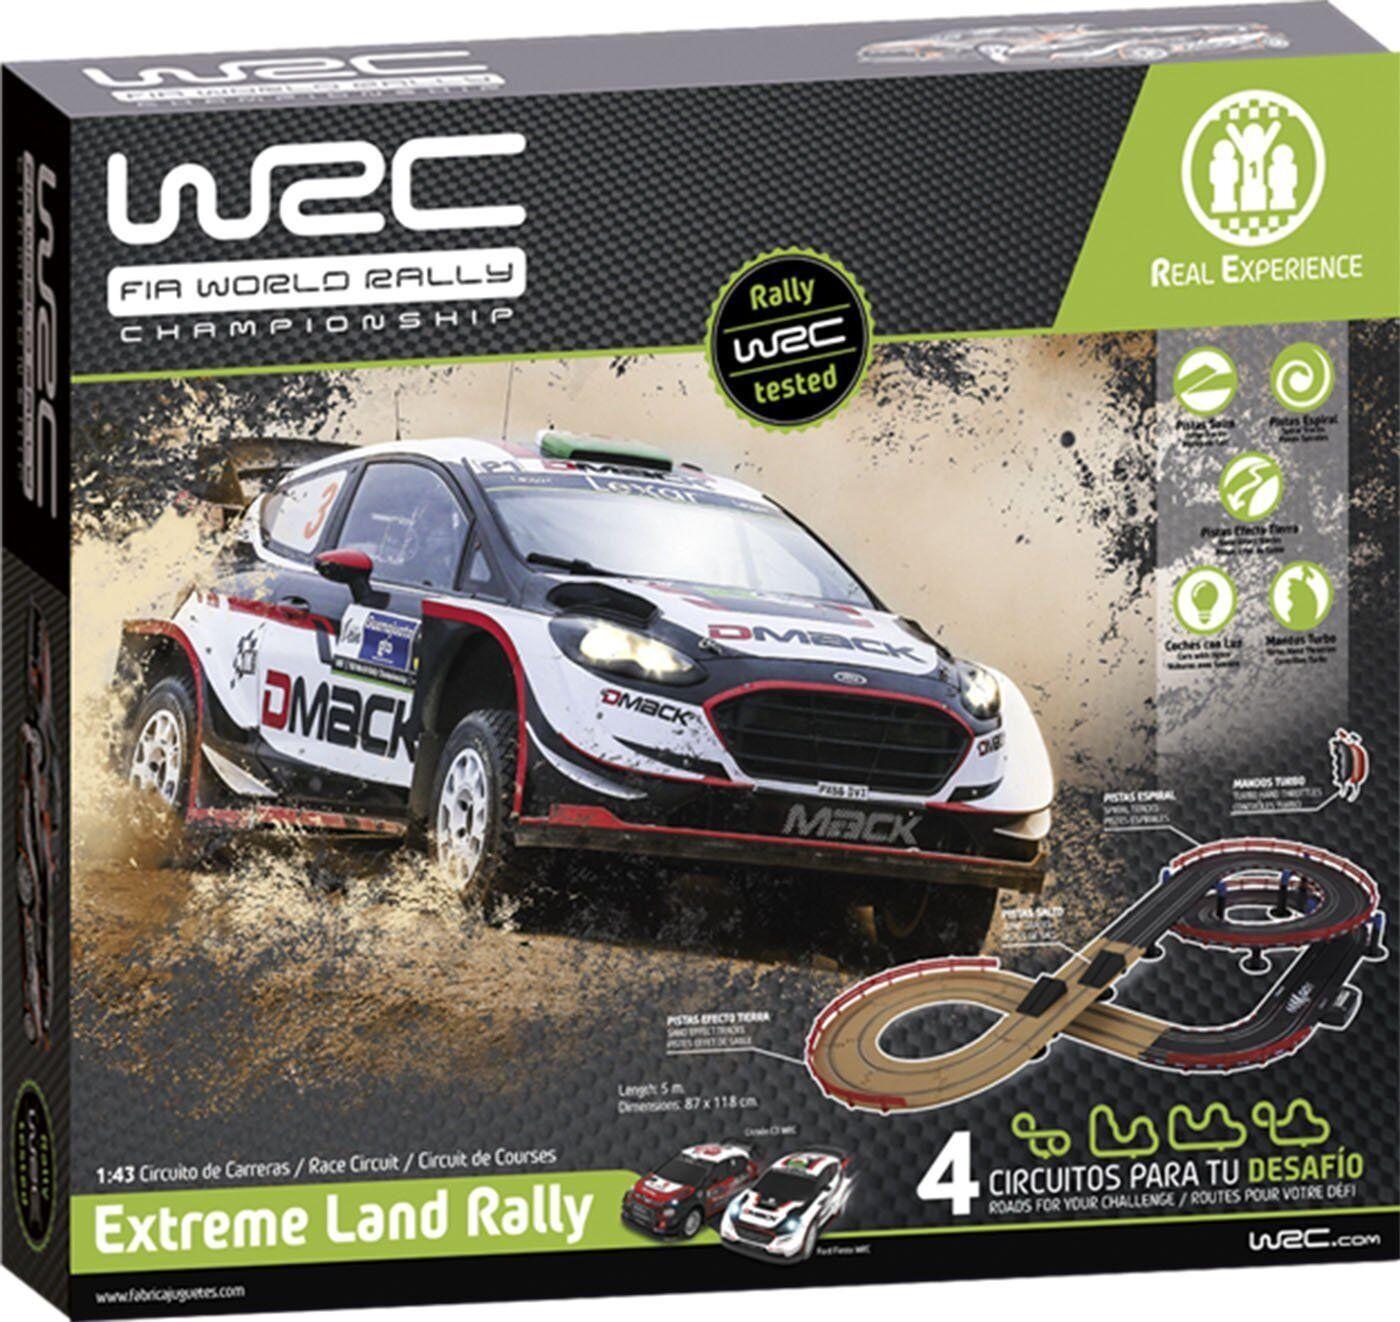 Fábica Fábica Fábica de Juguetes 91001. Circuito de escala 1 43 WRC Extreme Land Rally. 9a084e